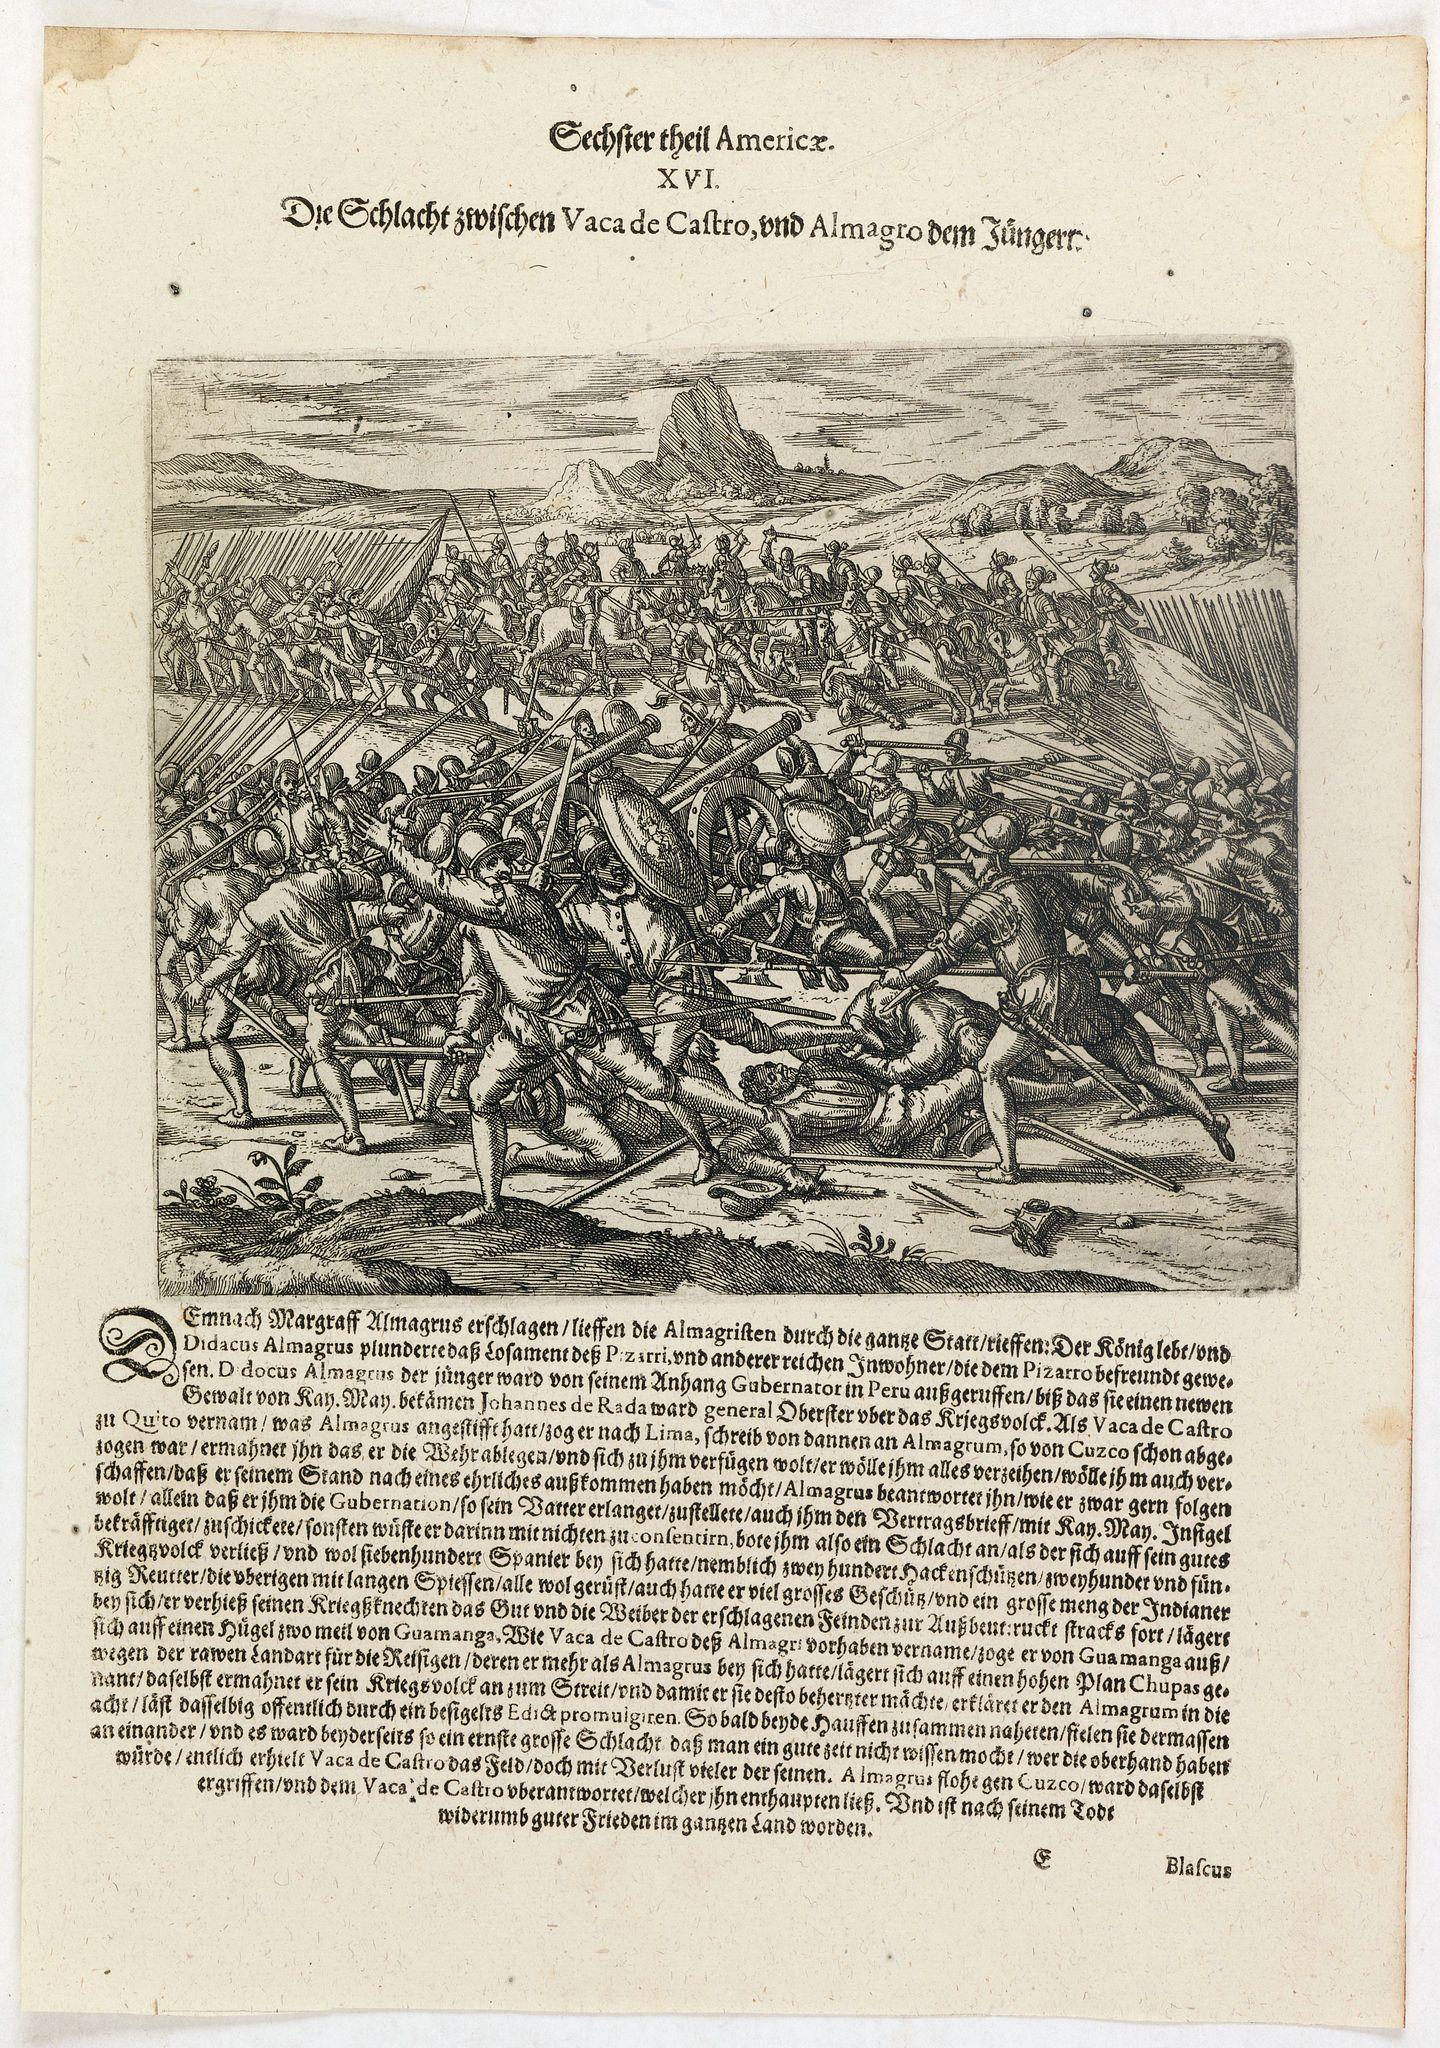 DE BRY, Th. -  Die Schlacht zwischen Vaca de Castro, und Almagro dem jüngern.